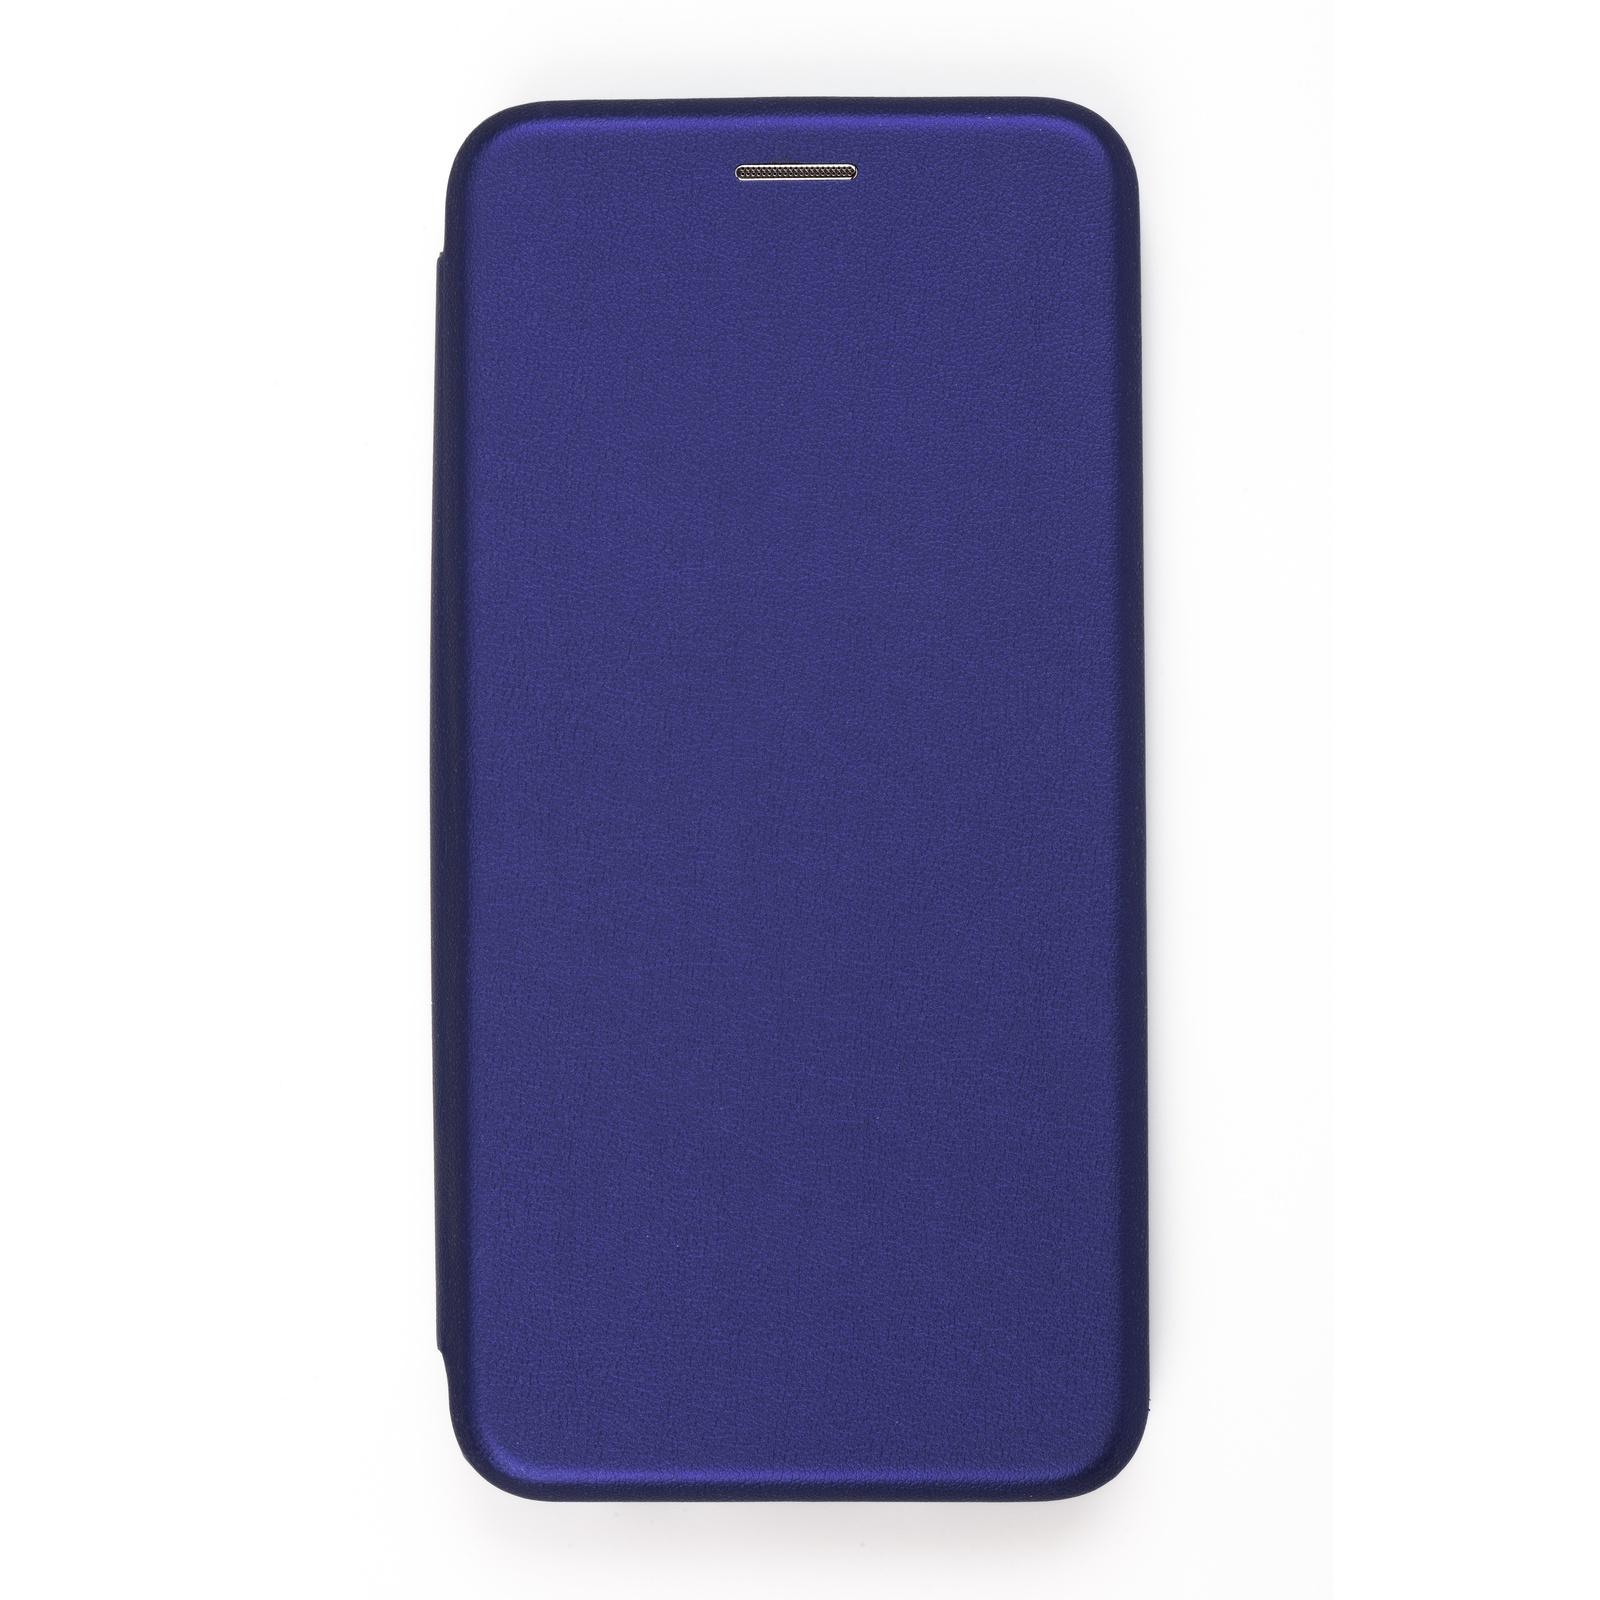 Чехол для сотового телефона книжка для Huawei Honor 10 Lite/P Smart (2019), синий